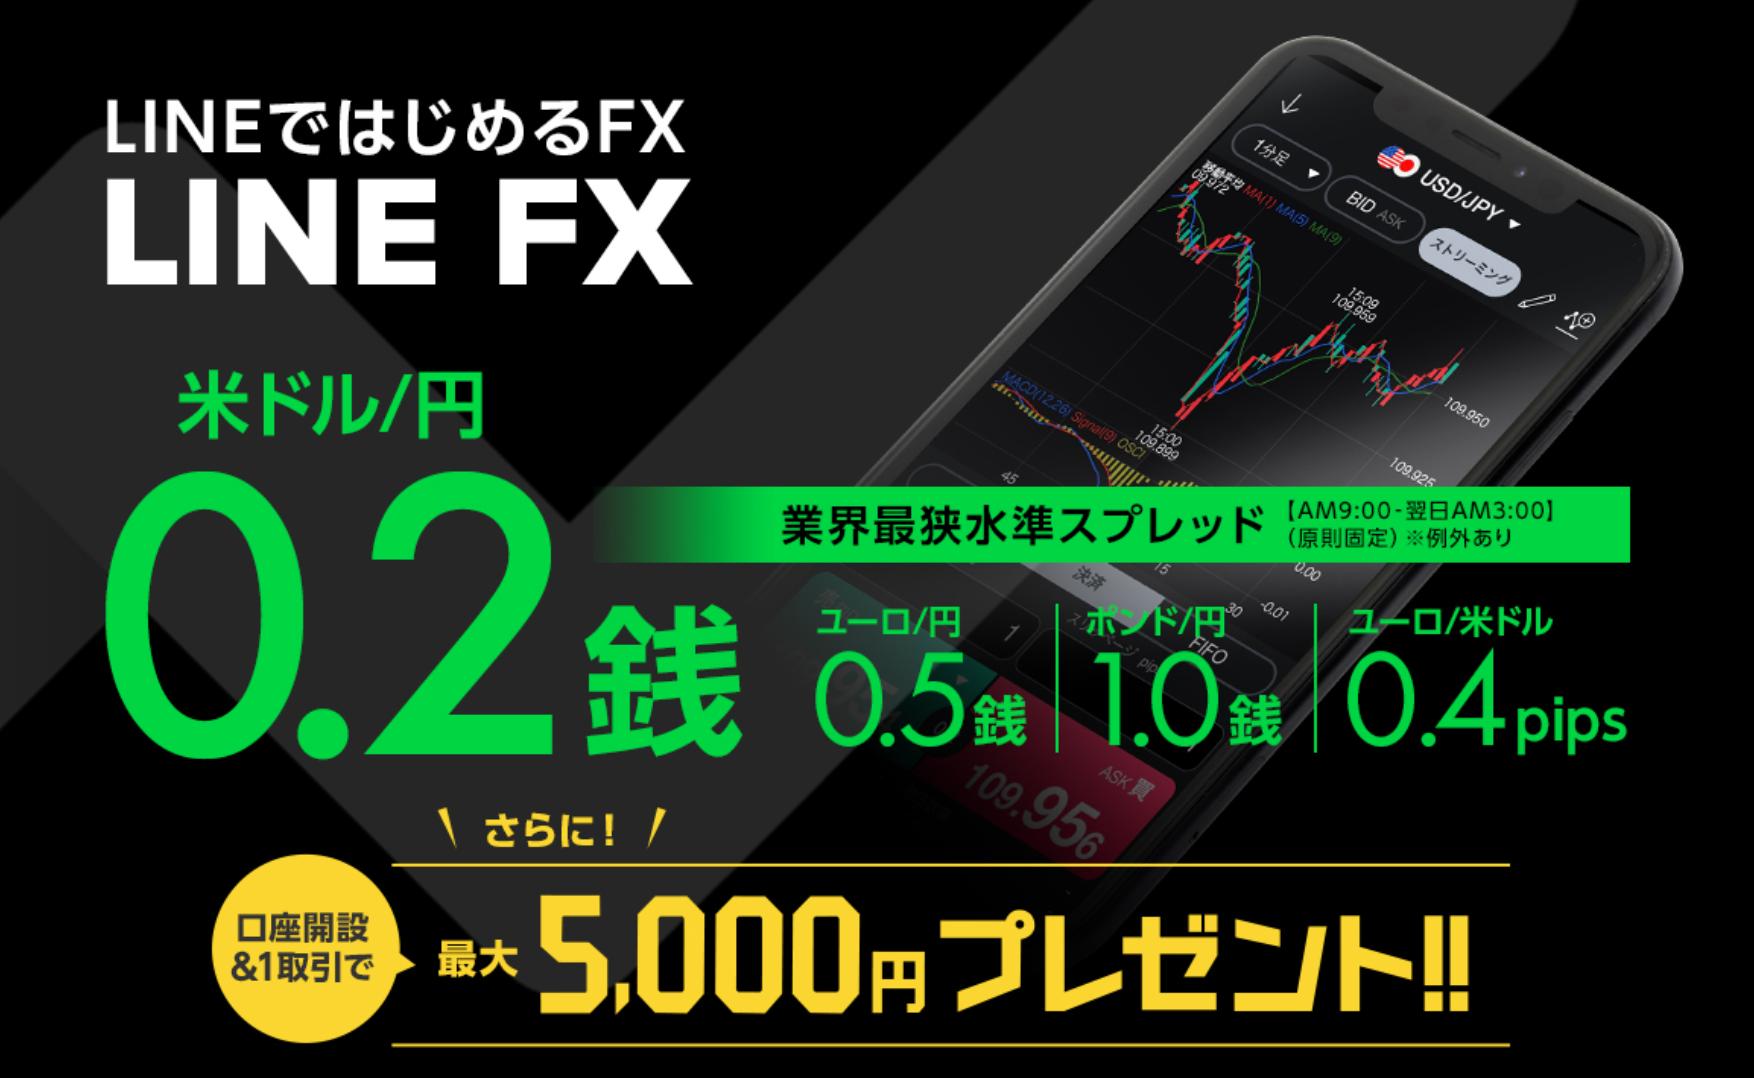 LINE FX 5000円 やり方